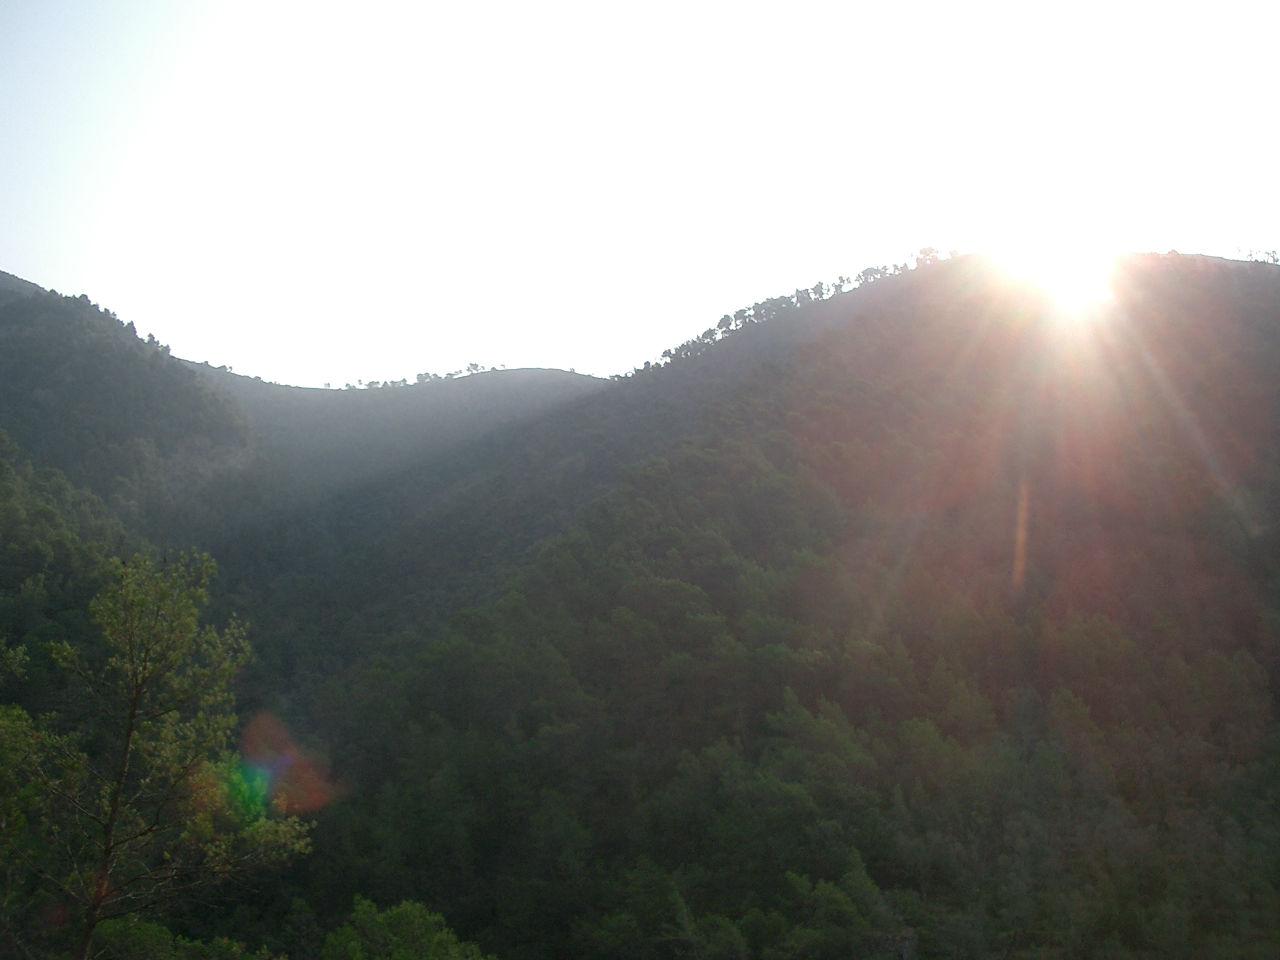 Le parcours en forêt : l'idéal pour se ressourcer !